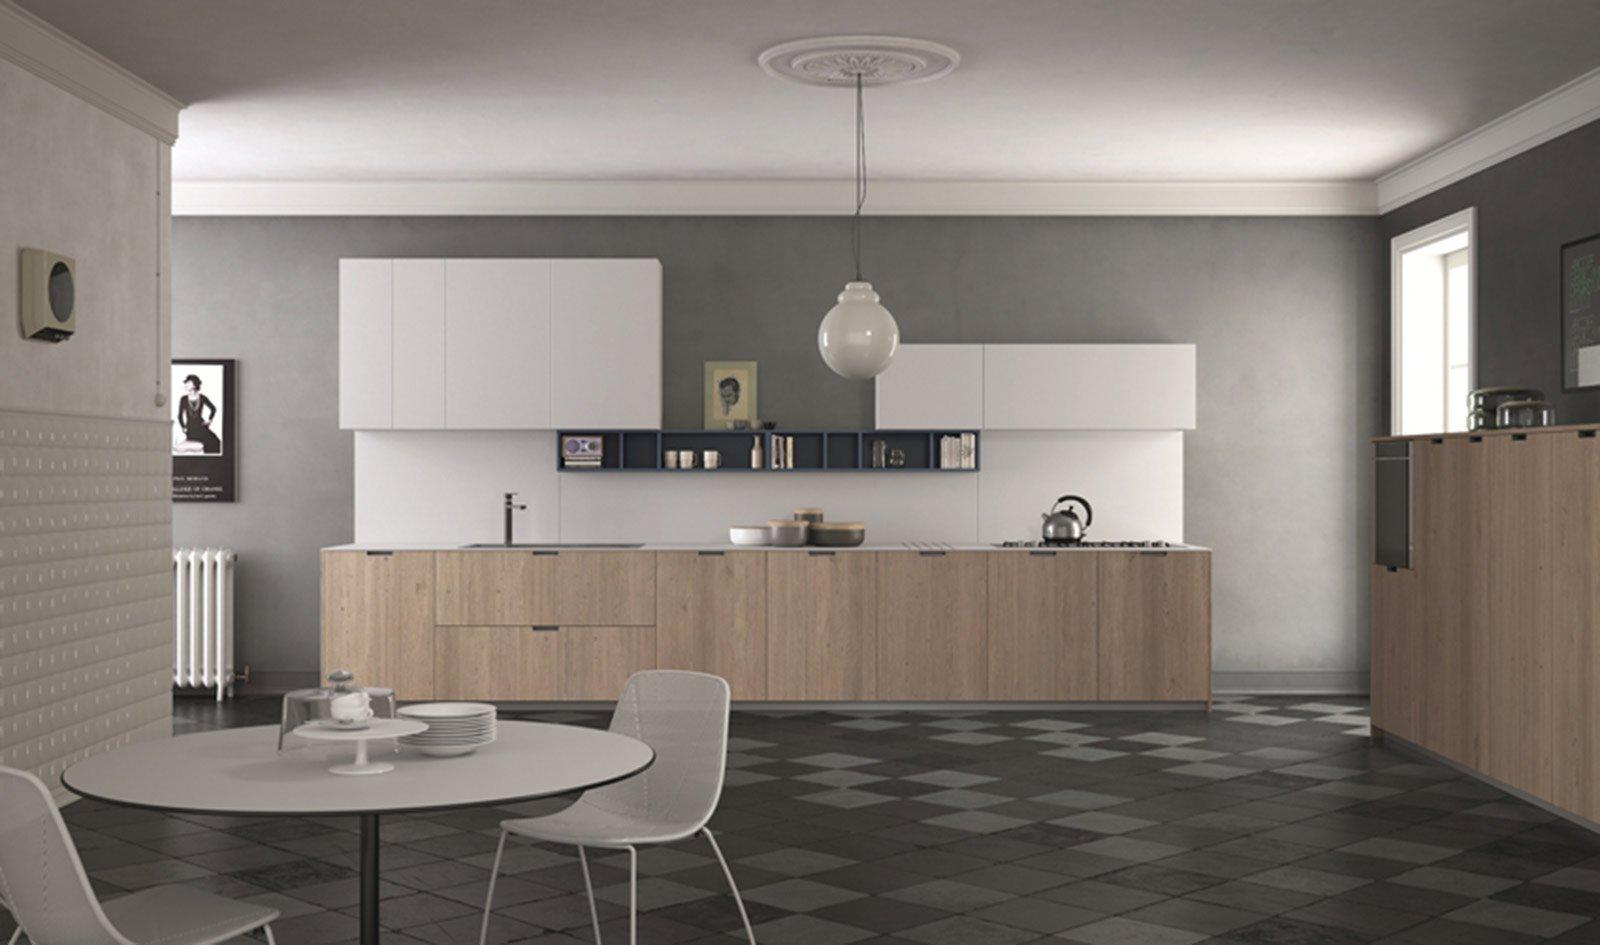 Cucine In Laminato Cose Di Casa #5C5147 1600 945 Pensili Per Cucina Leroy Merlin